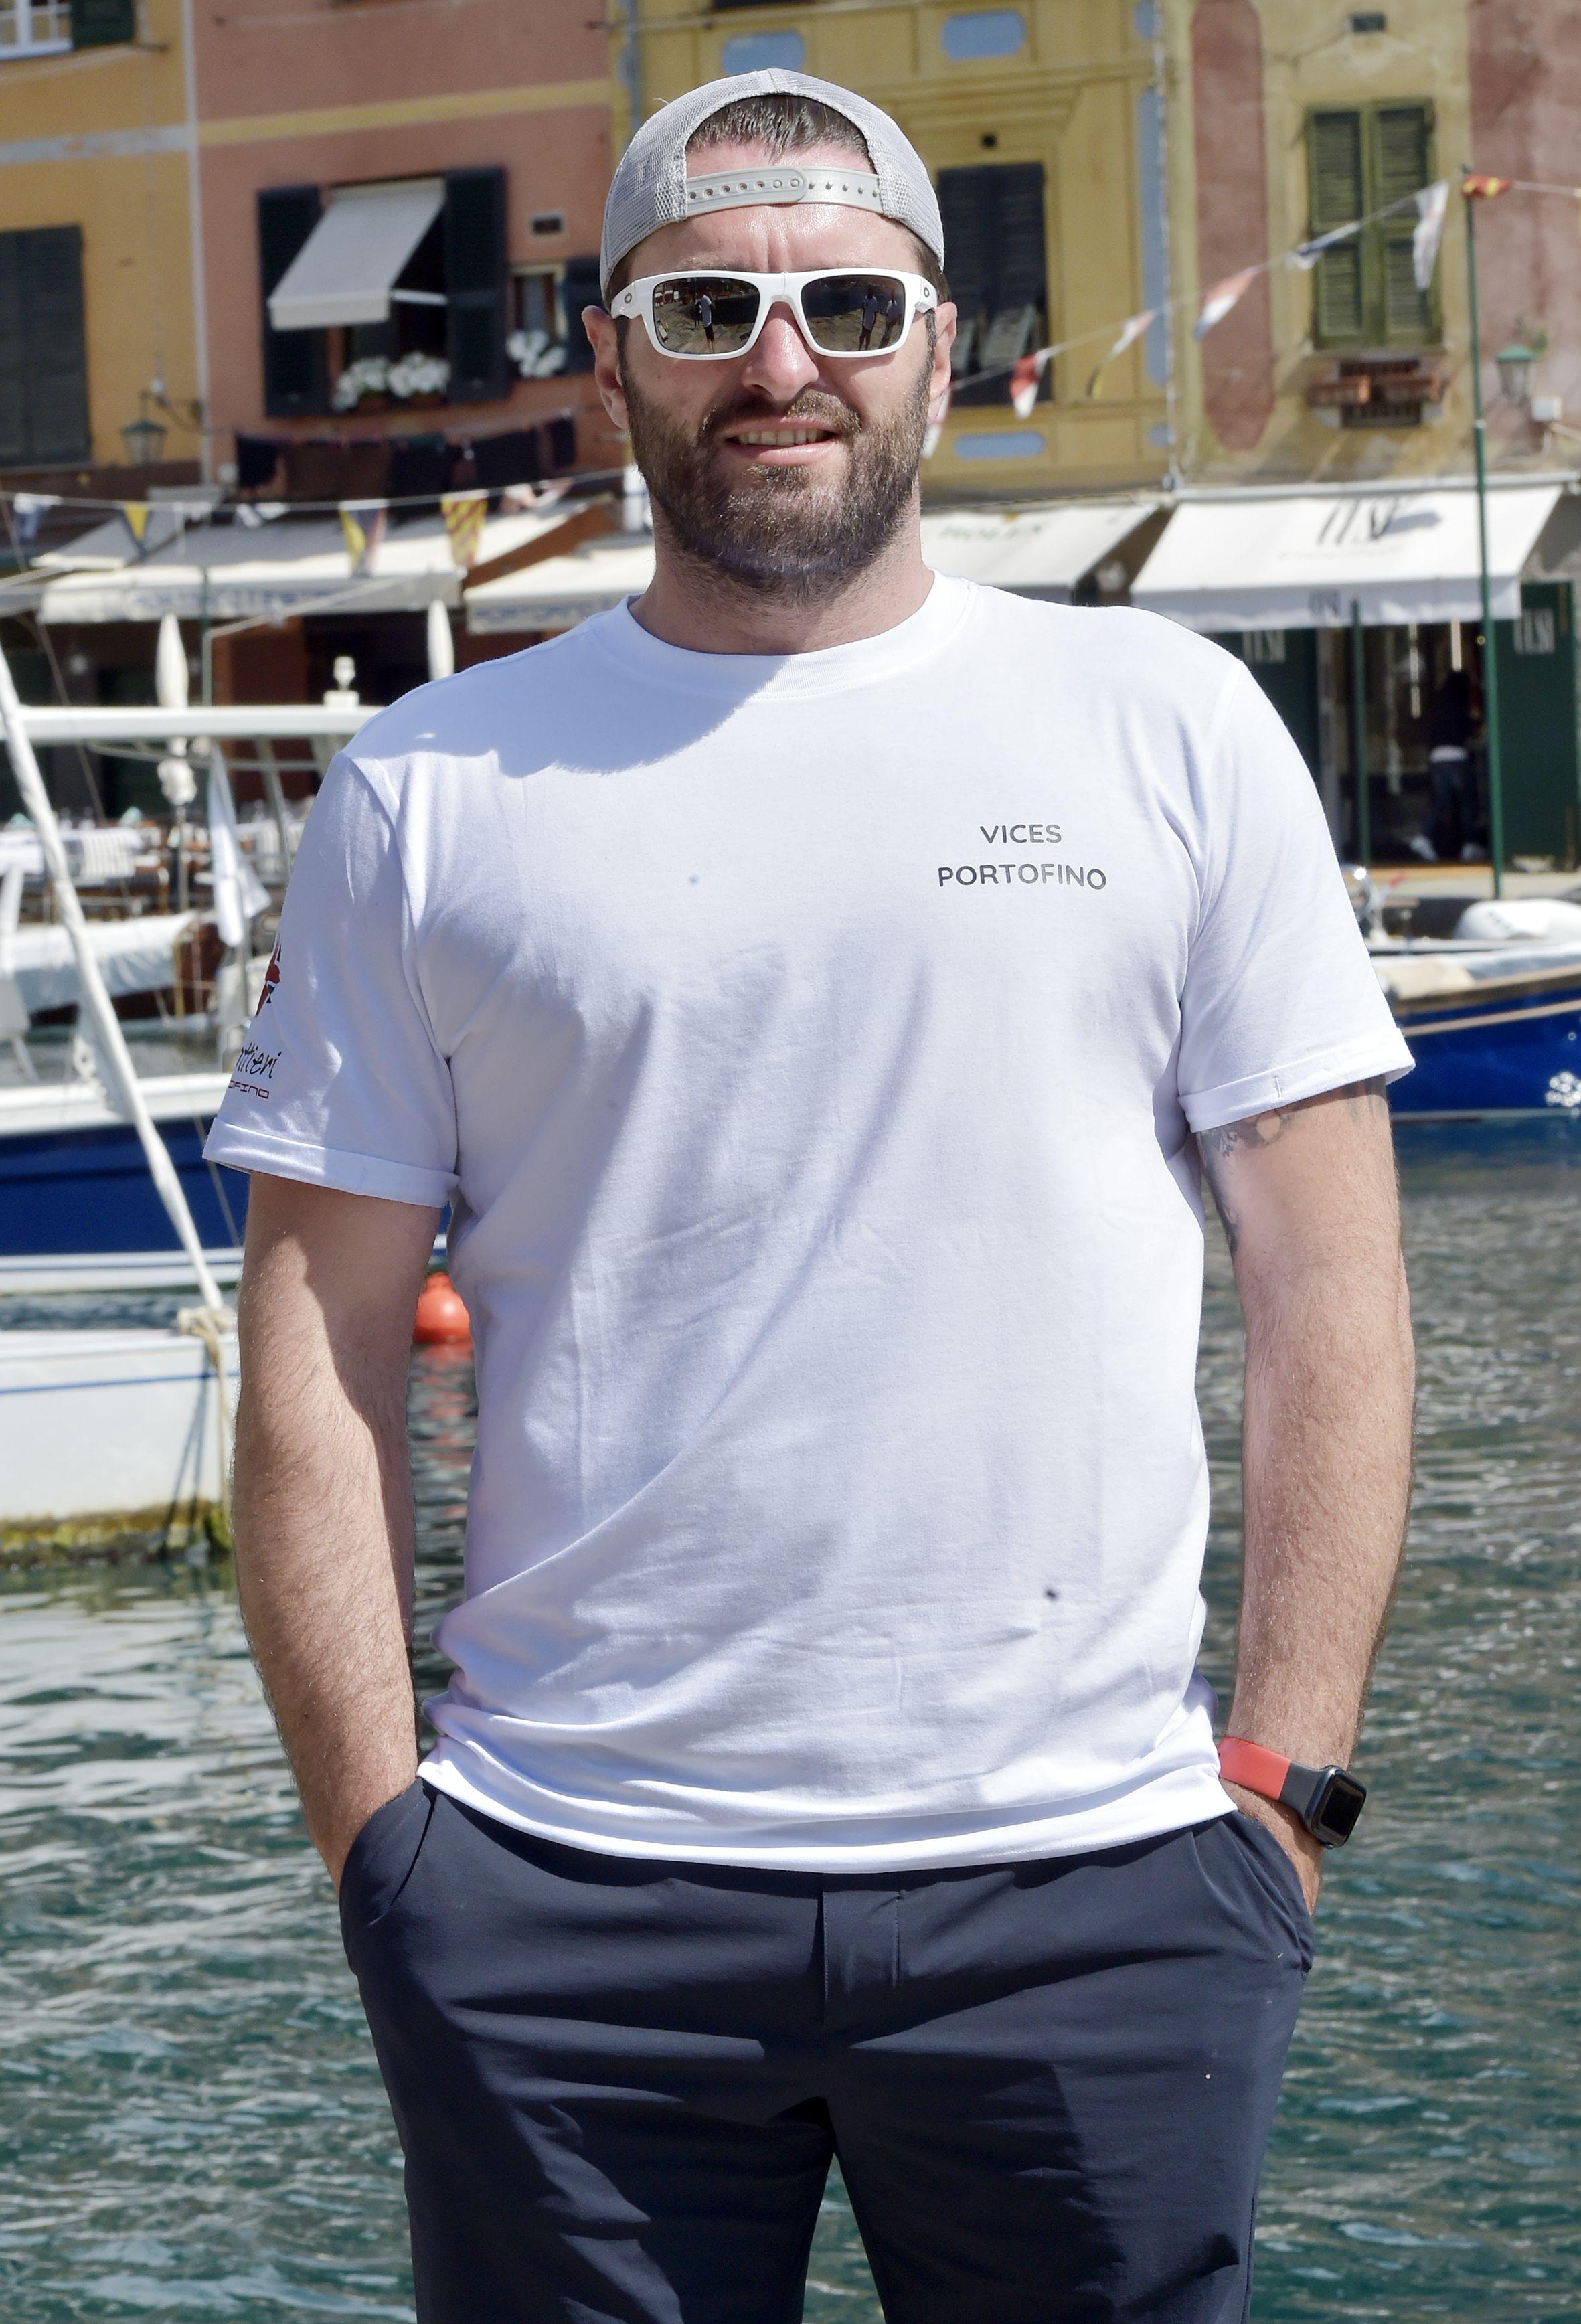 Cesare Charter Portofino - Giovanni